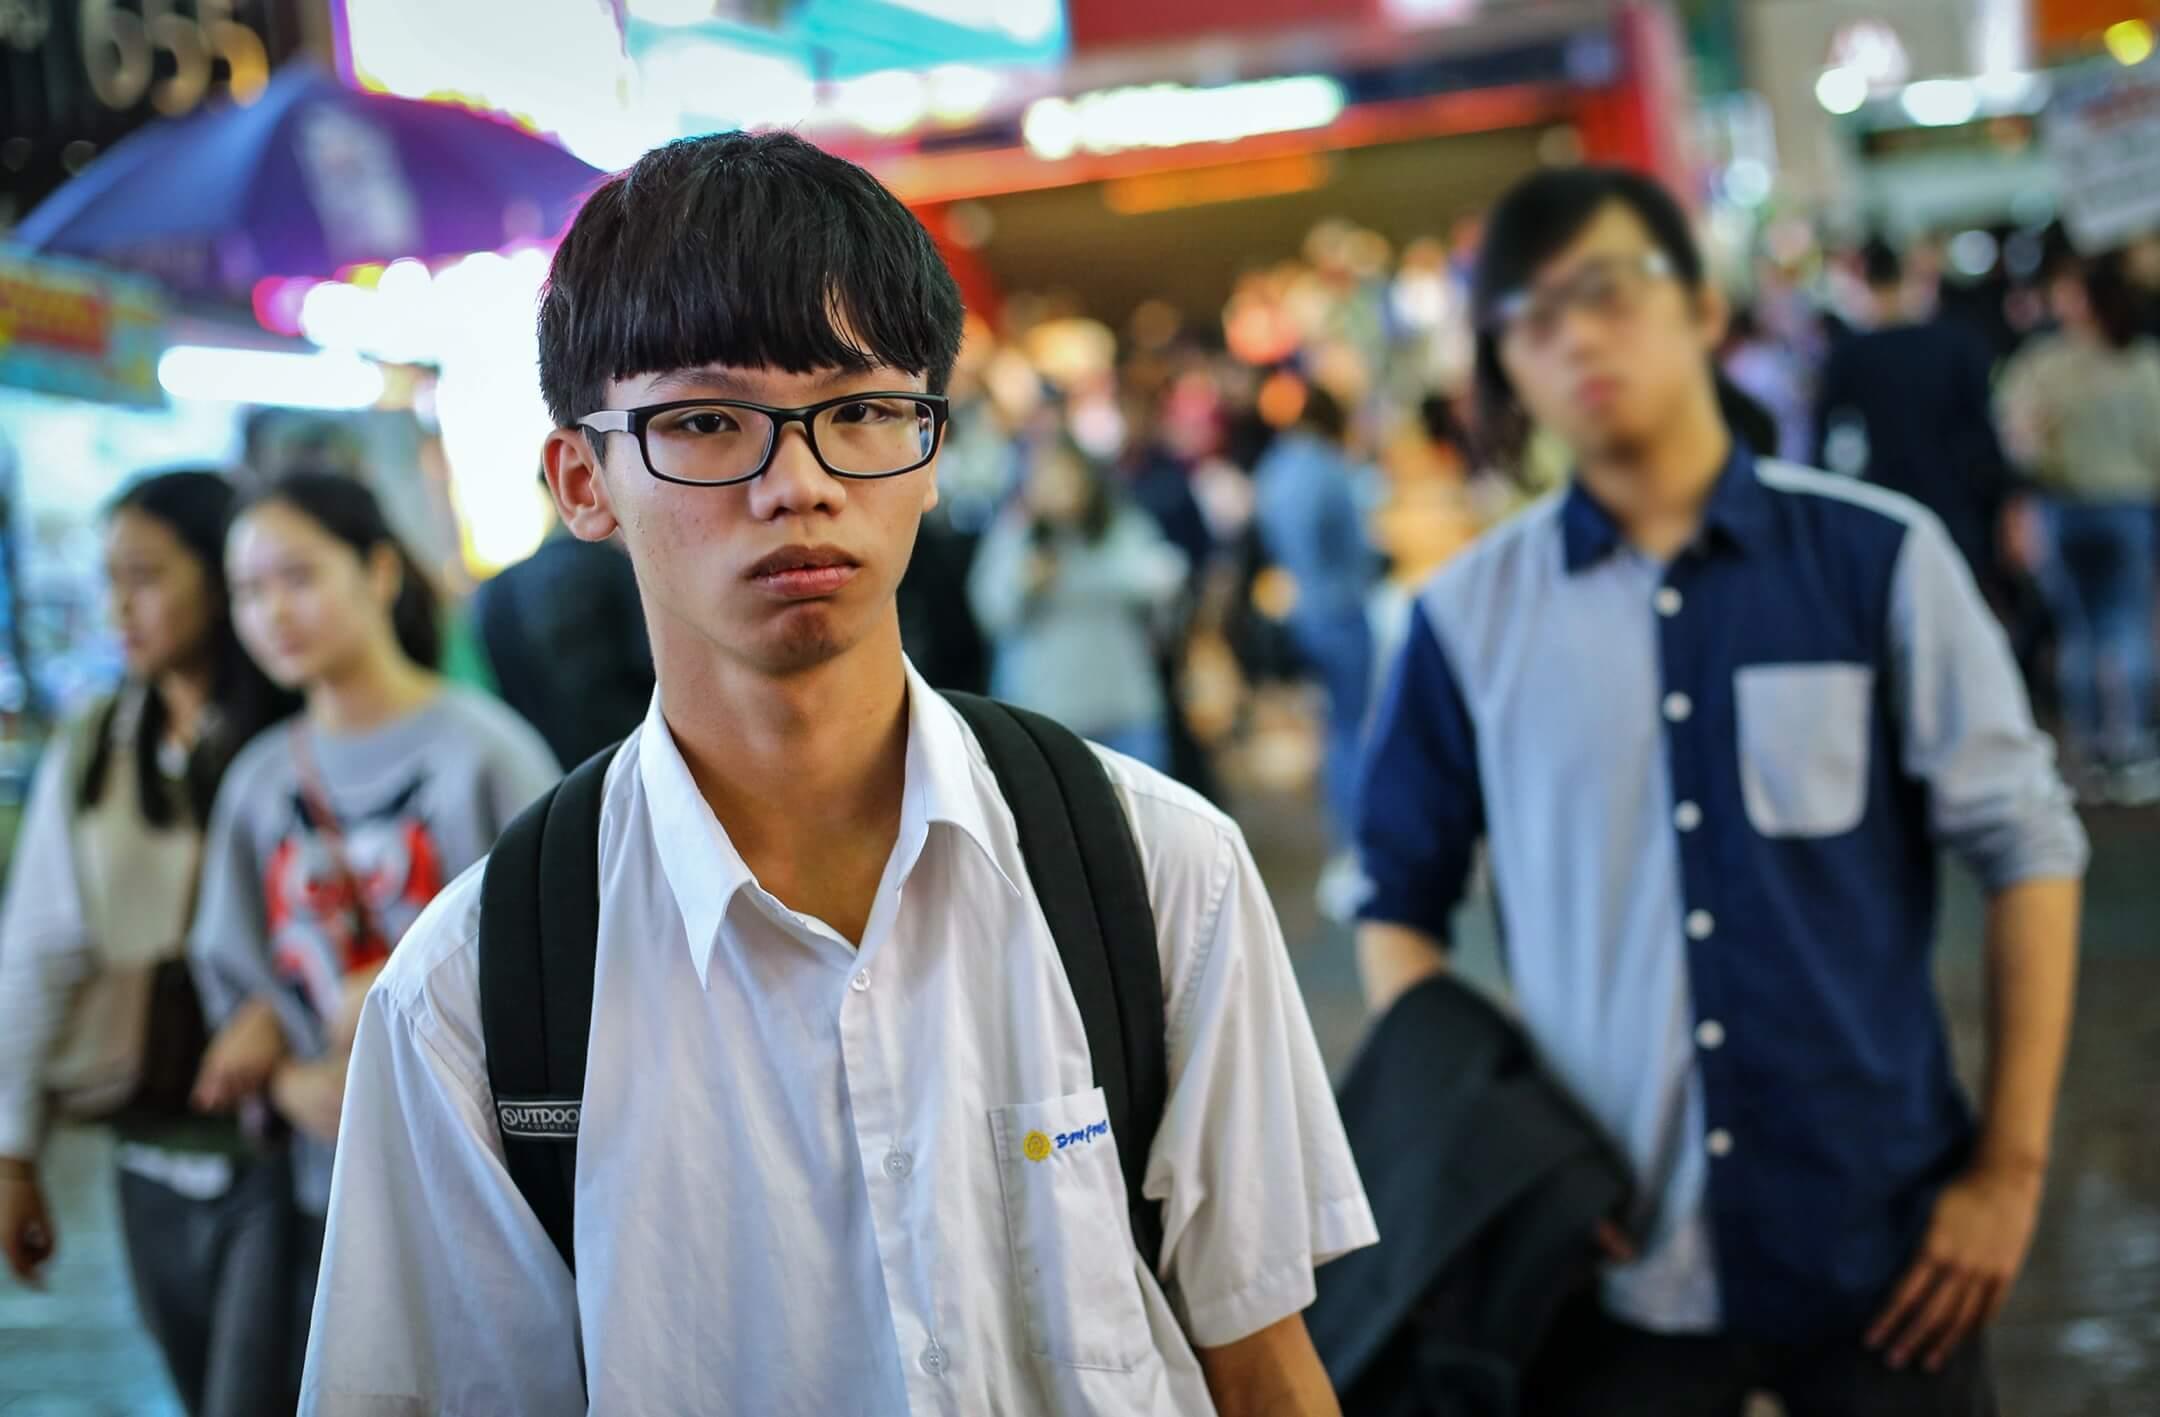 圖為2017年11月13日,前學生動源召集人鍾翰林接受媒體訪問。 攝:Dickson Lee/South China Morning Post via Getty Images